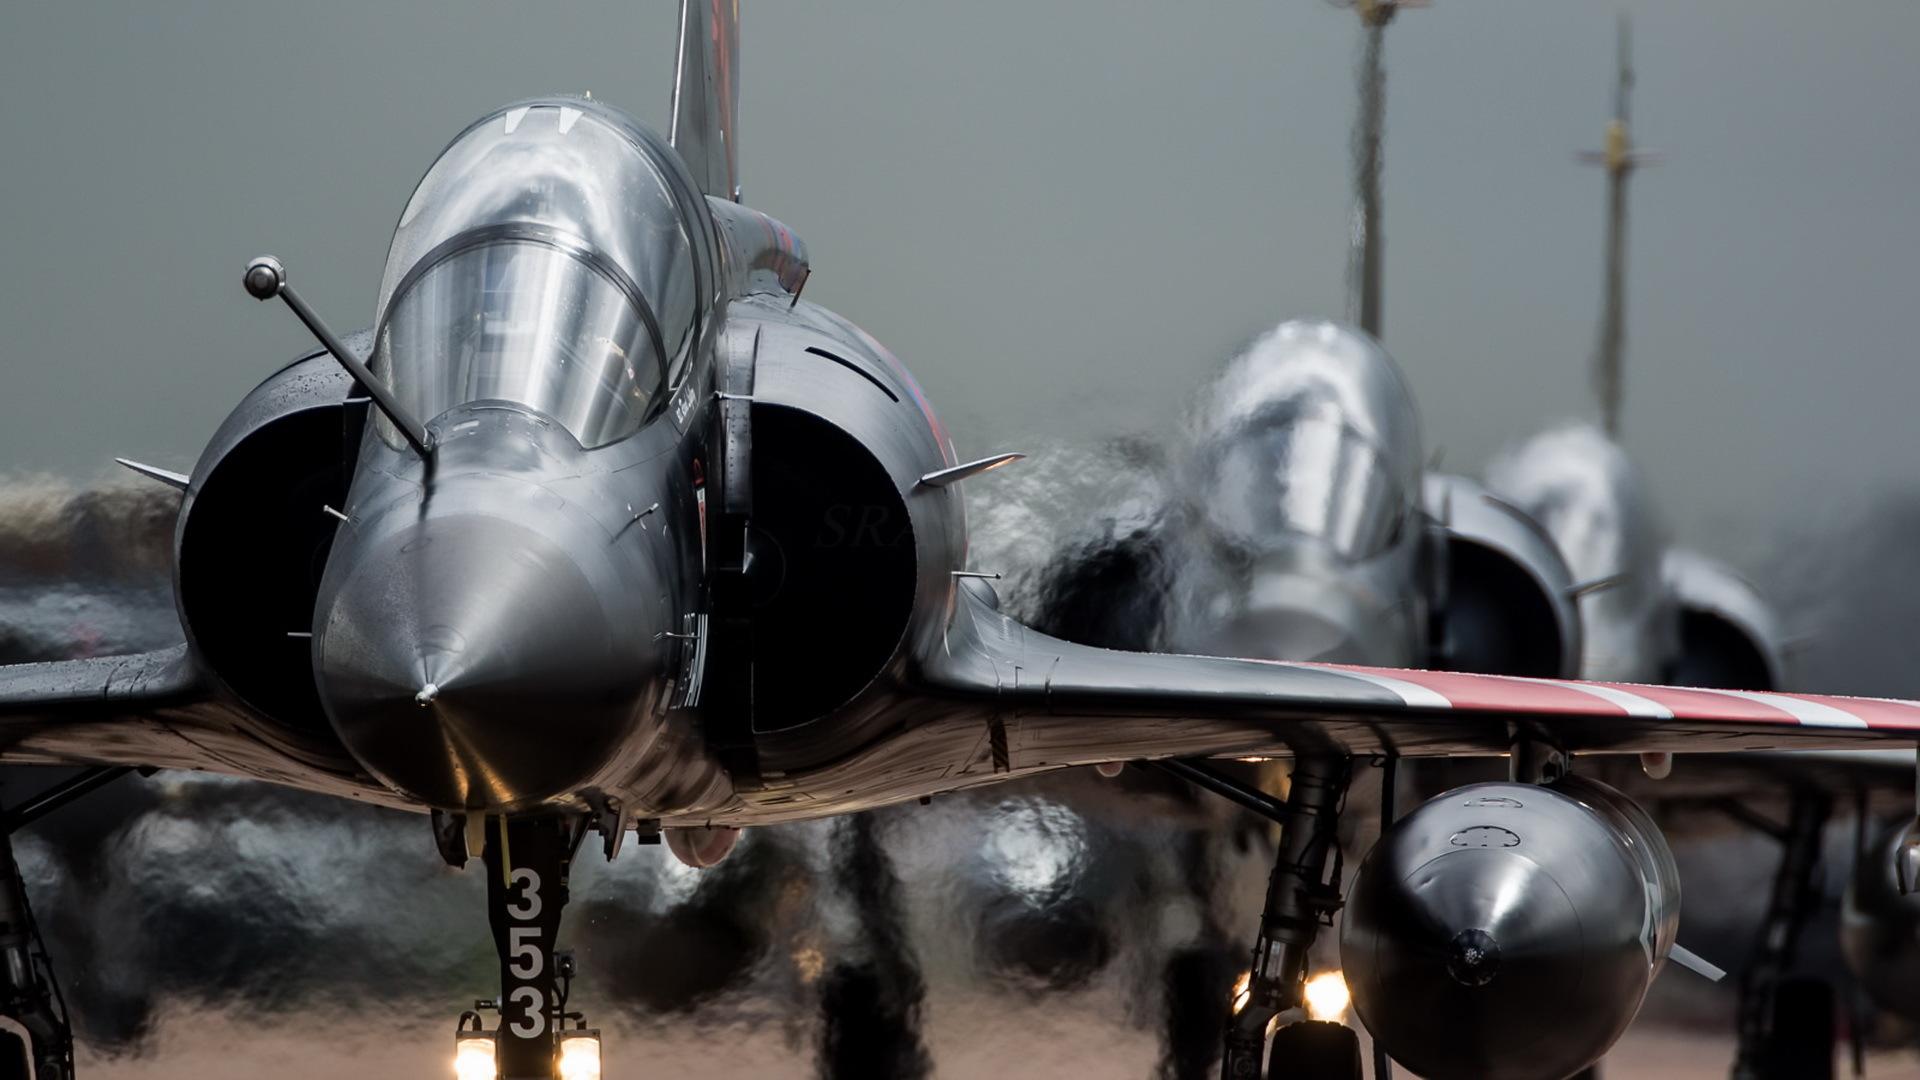 Aviation Wallpaper Iphone X Dassault Mirage 2000 Fond D 233 Cran Hd Arri 232 Re Plan